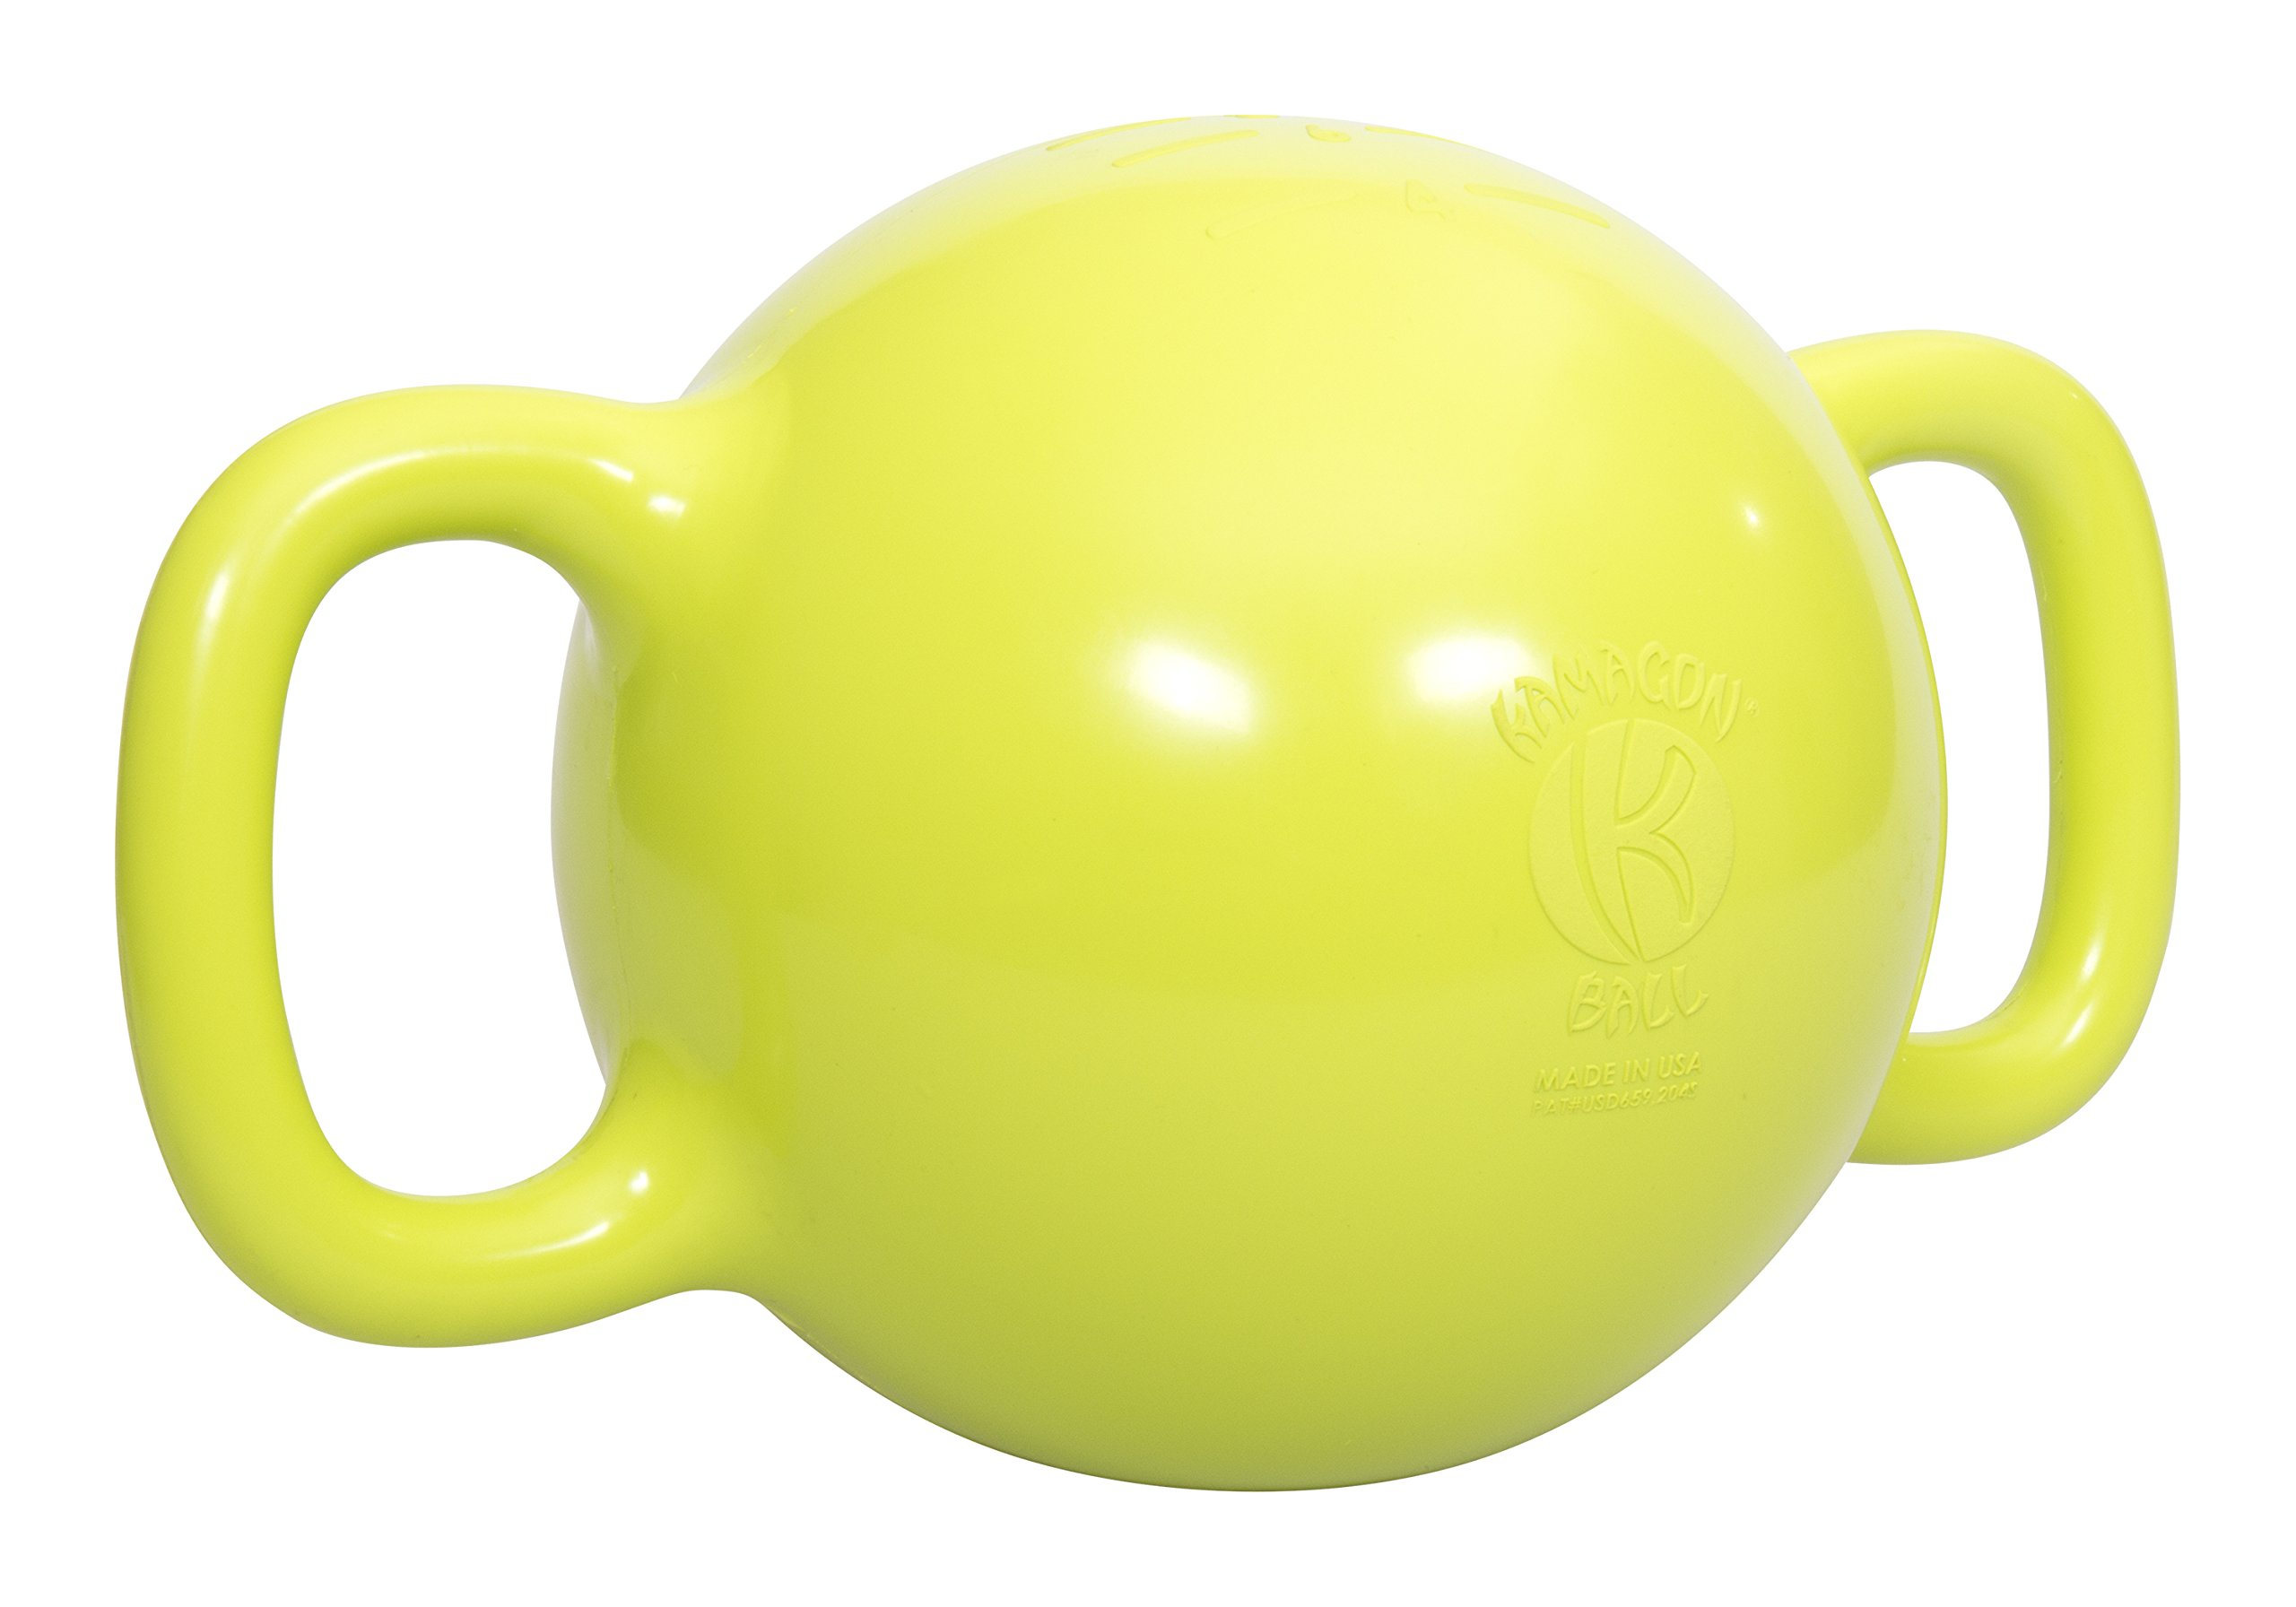 Kamagon 9'' Ball - Green